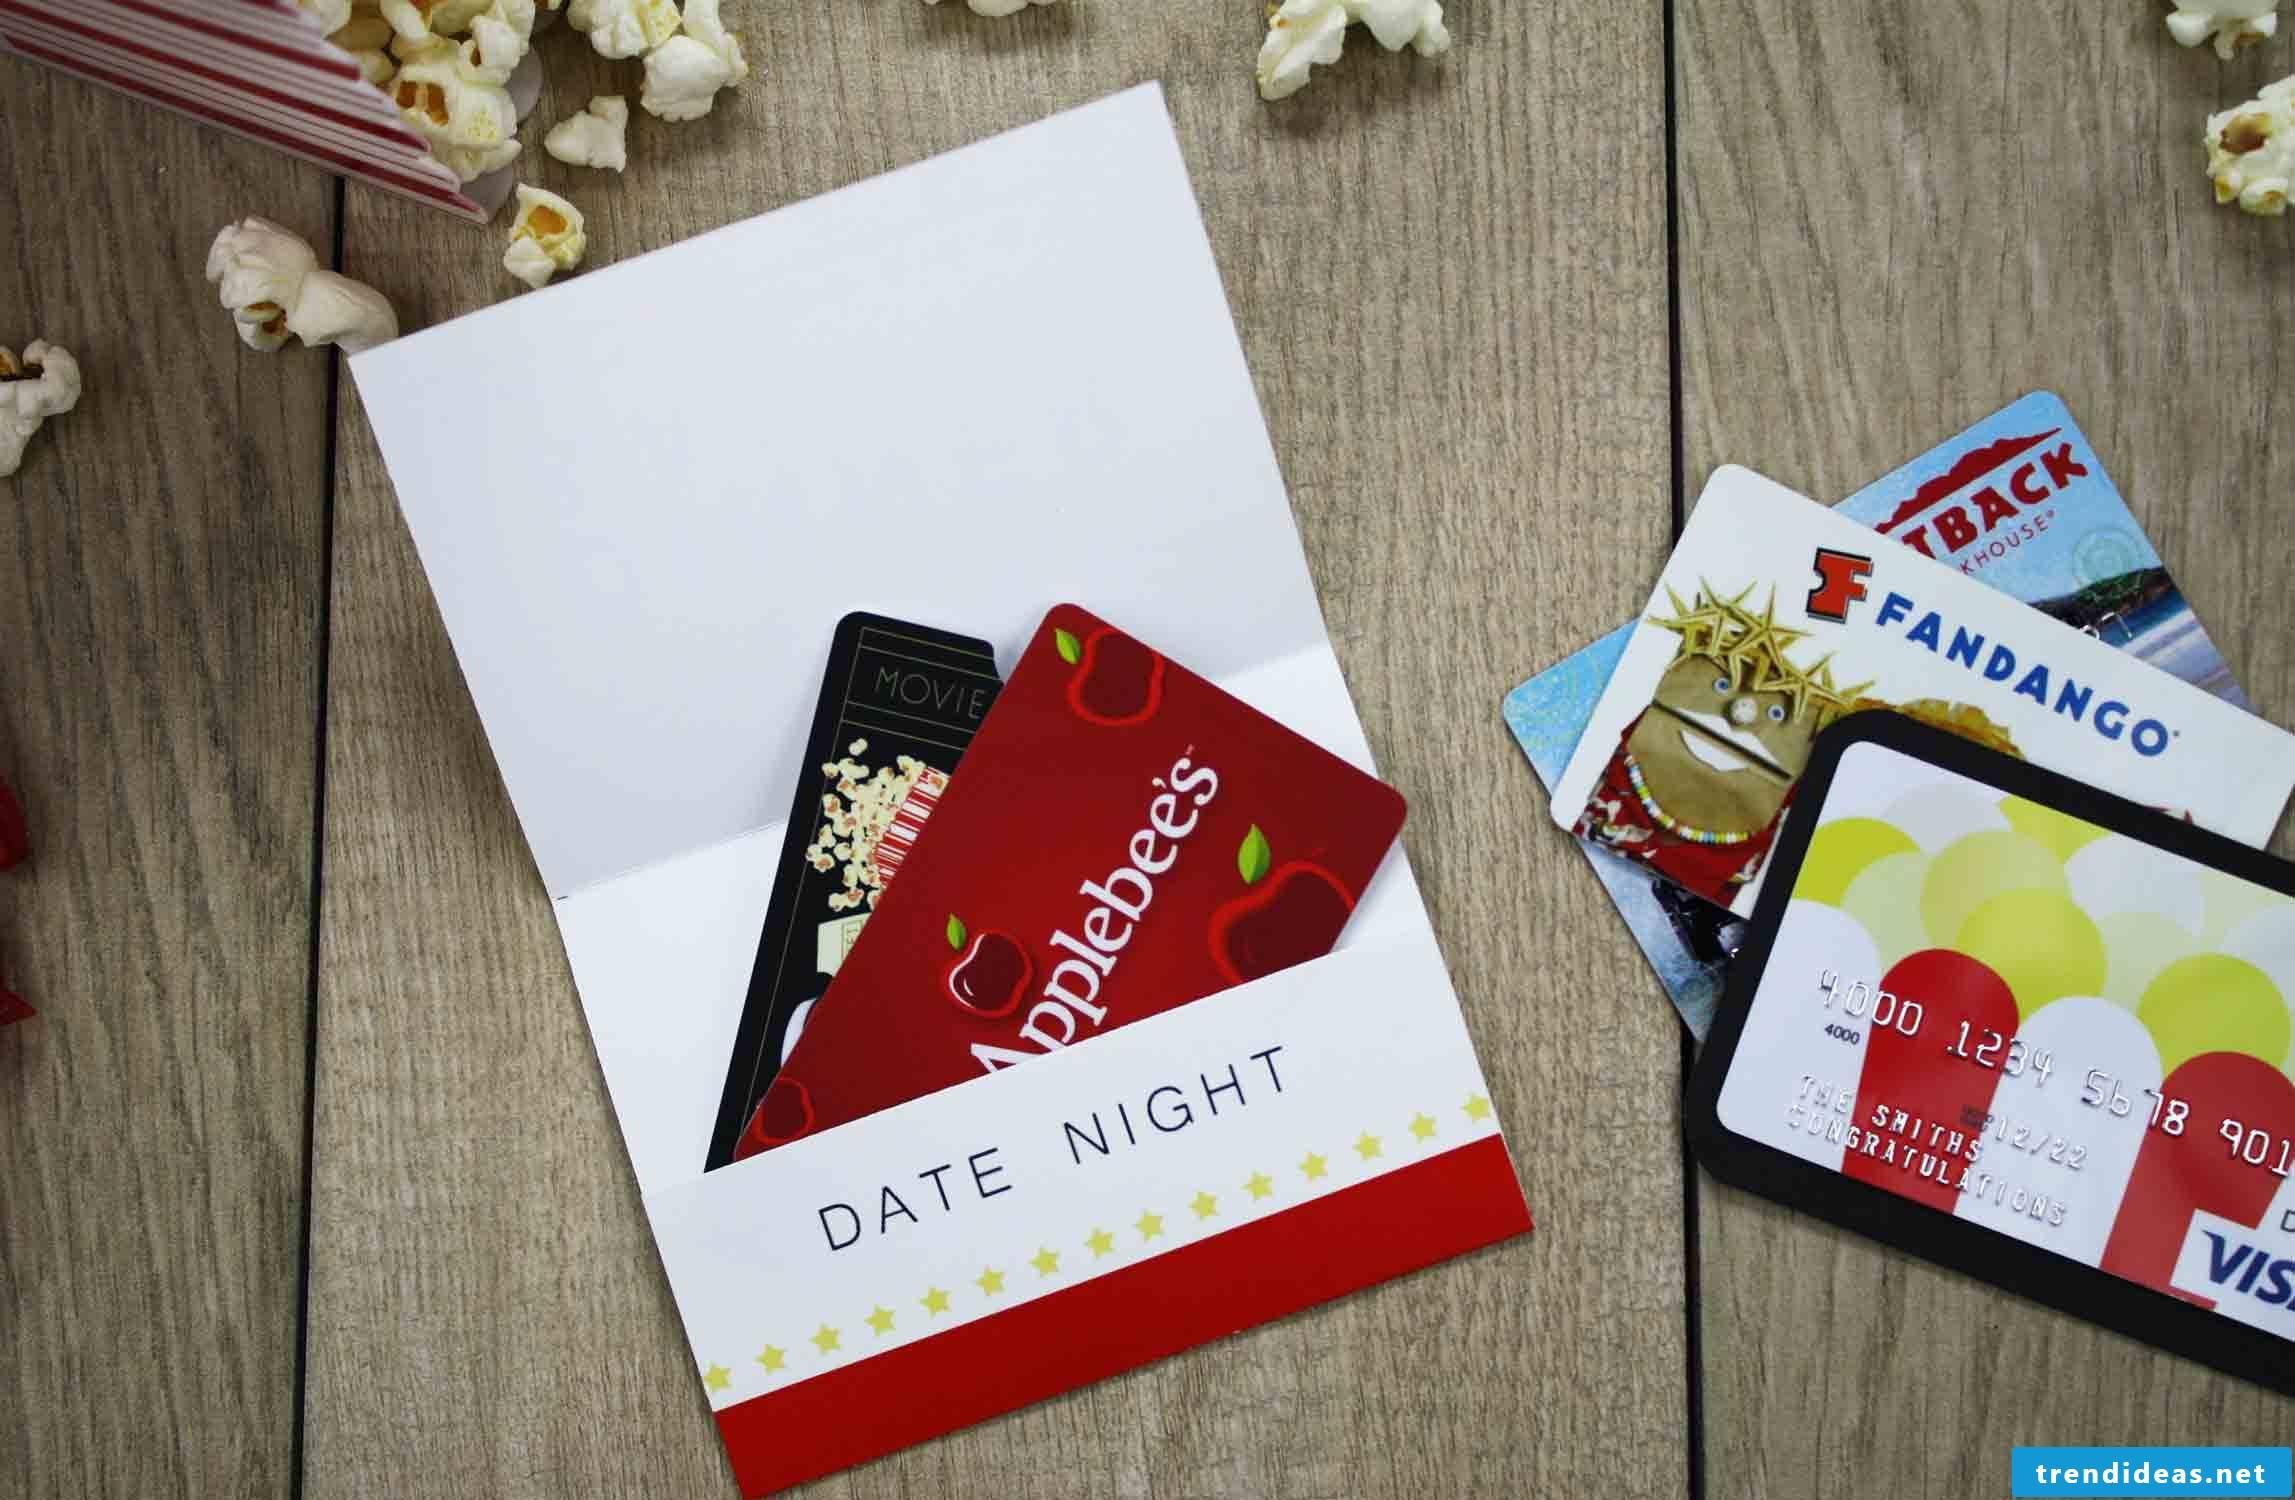 Original wedding gift - Make cinema voucher or pack concert tickets